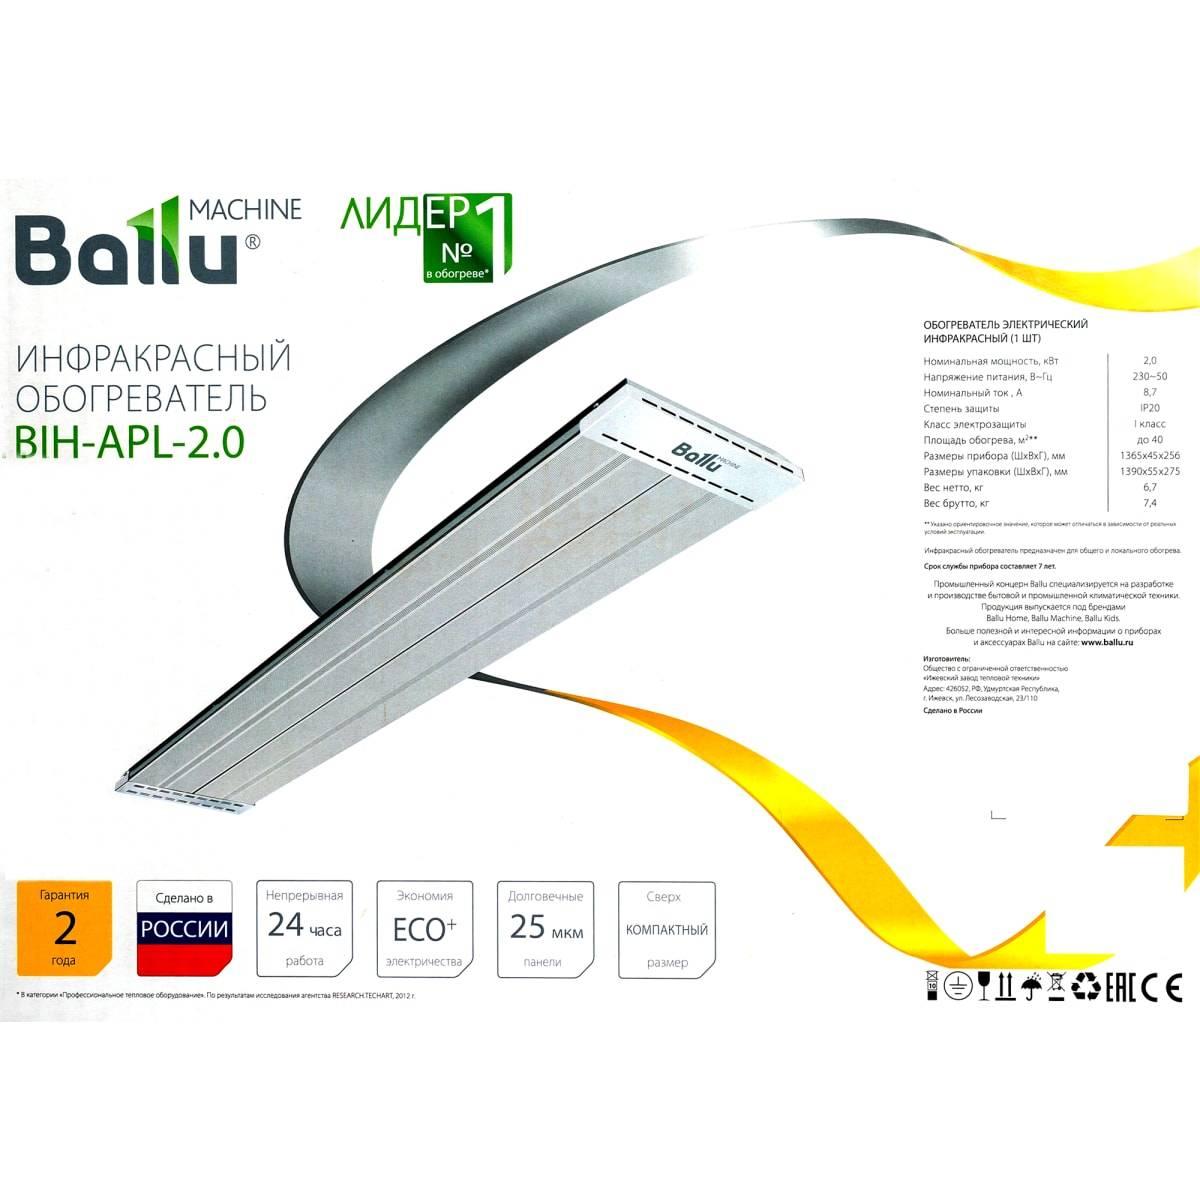 Обогреватели ballu: обзор инфракрасных и газовых обогревателей, потолочных и напольных приборов, уличных и для дома, инструкция и отзывы